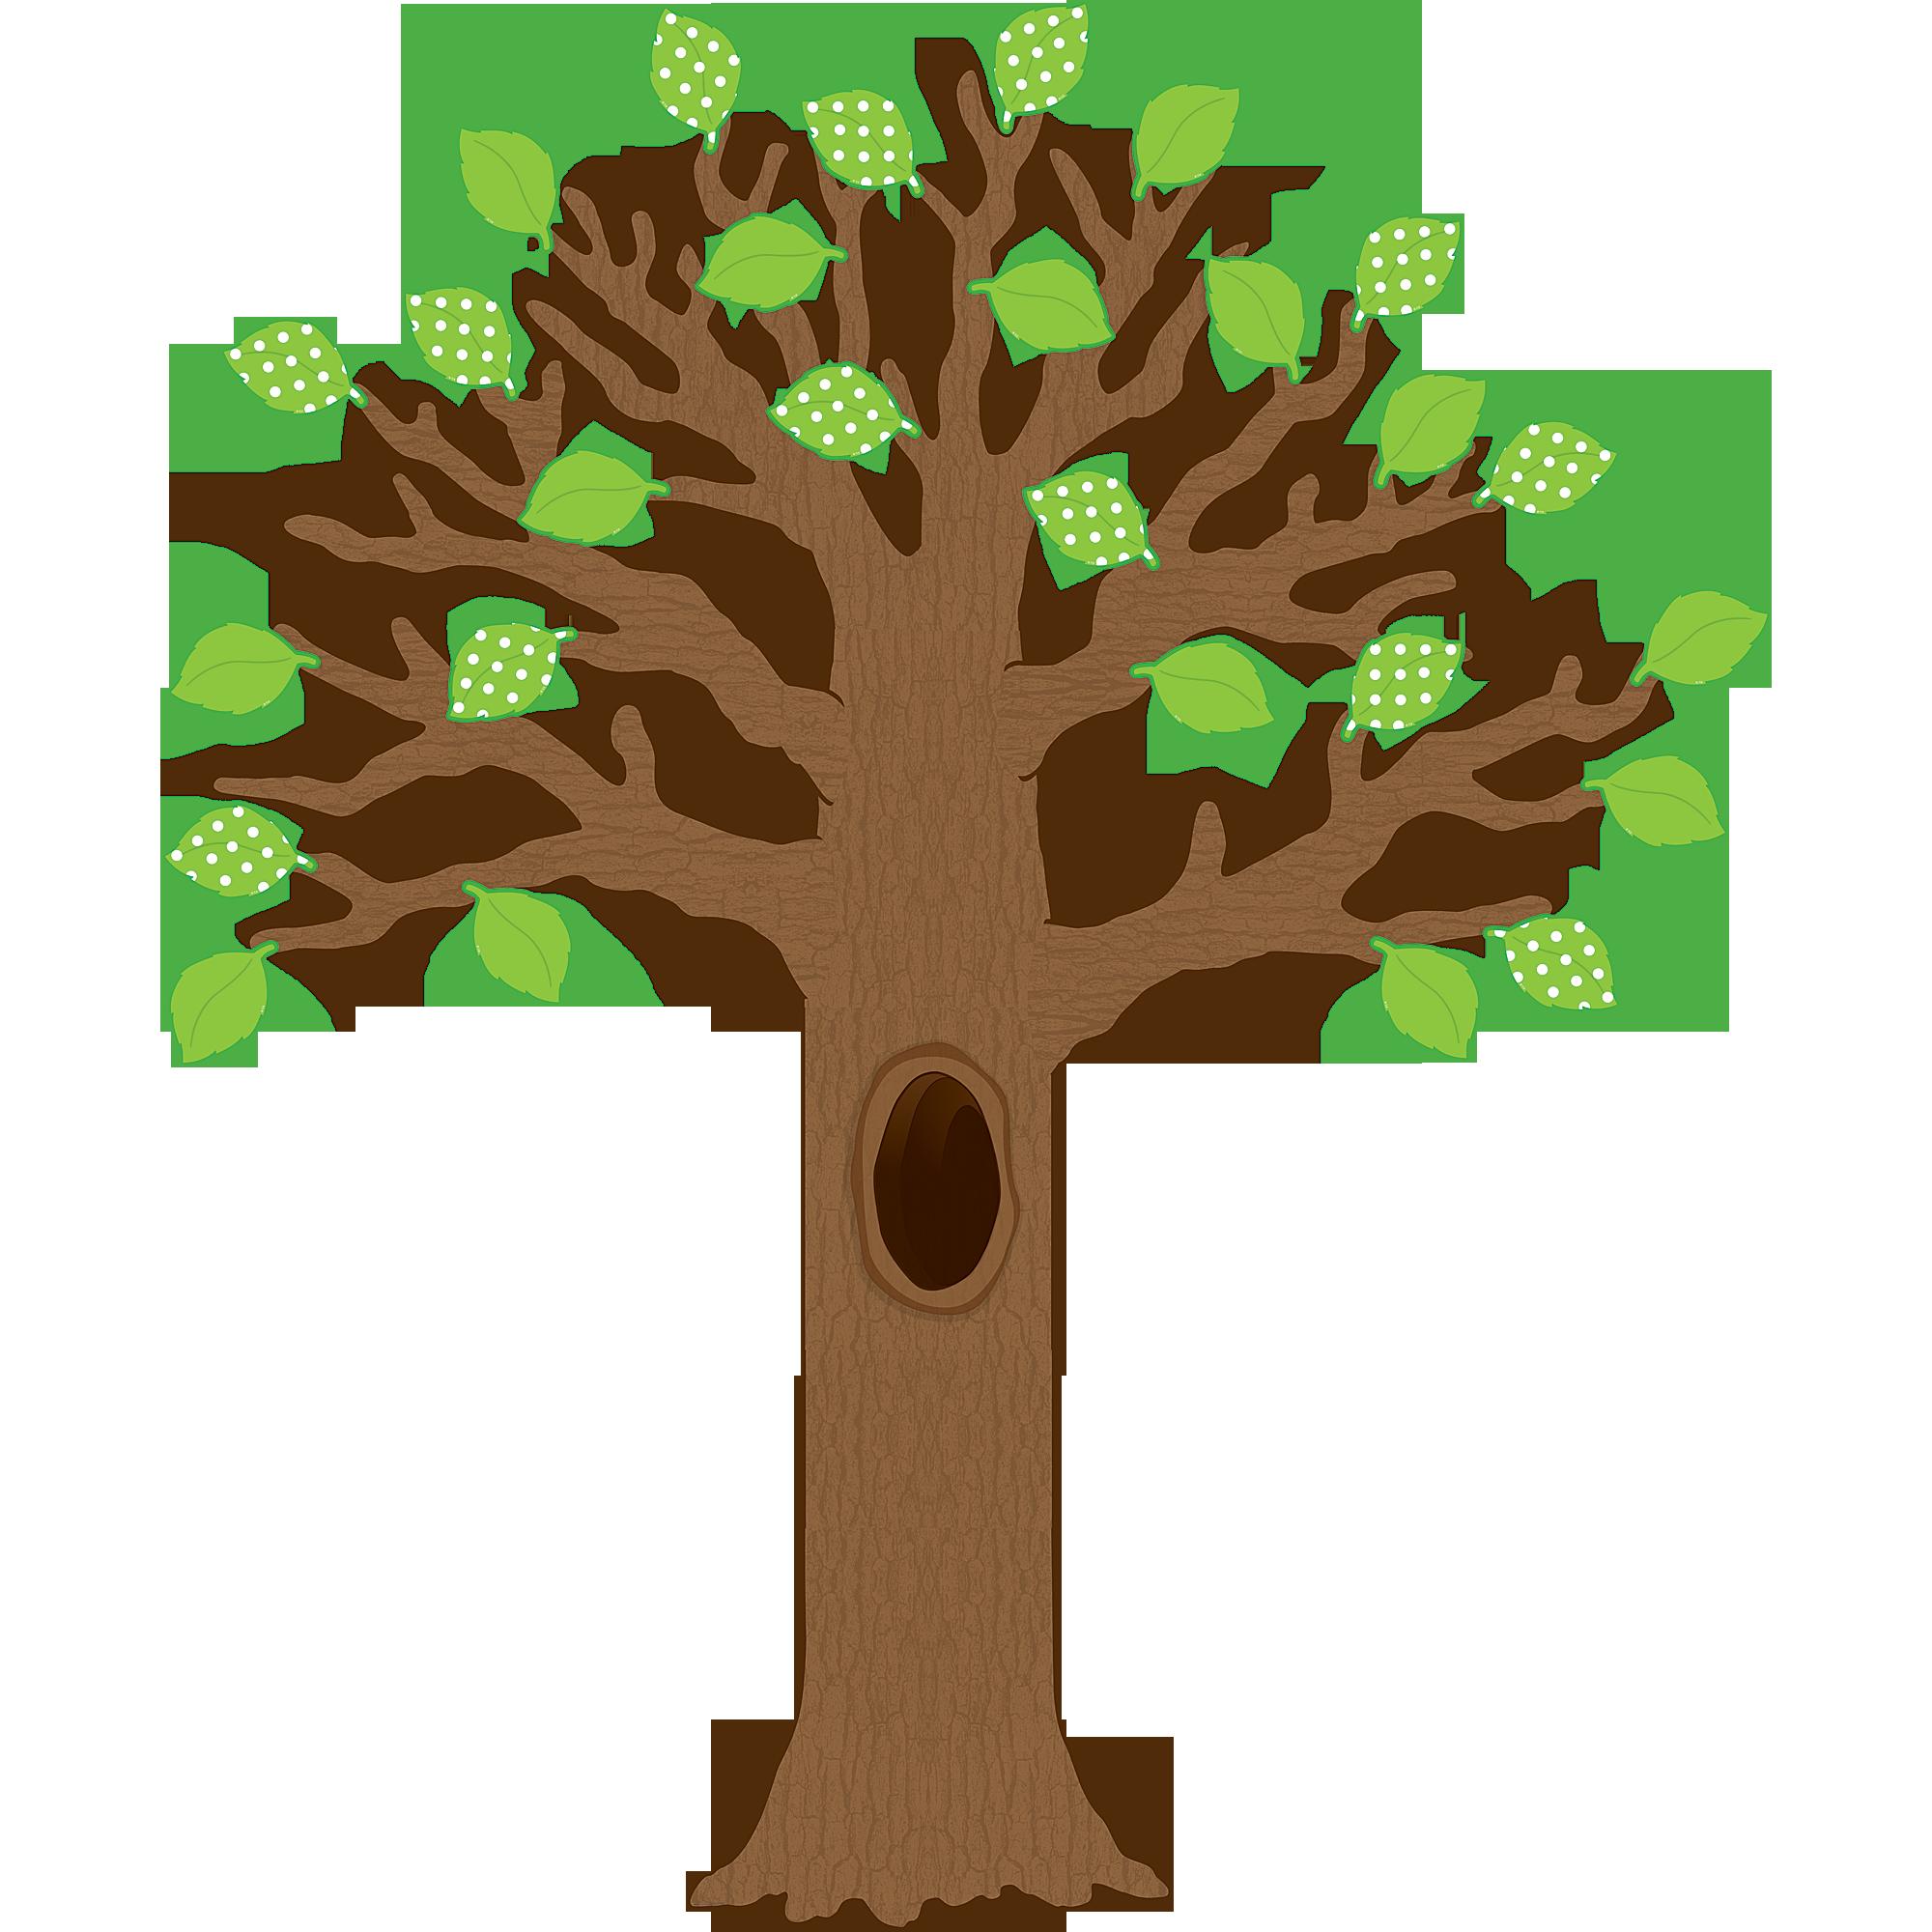 Big Tree Clipart at GetDrawings.com.